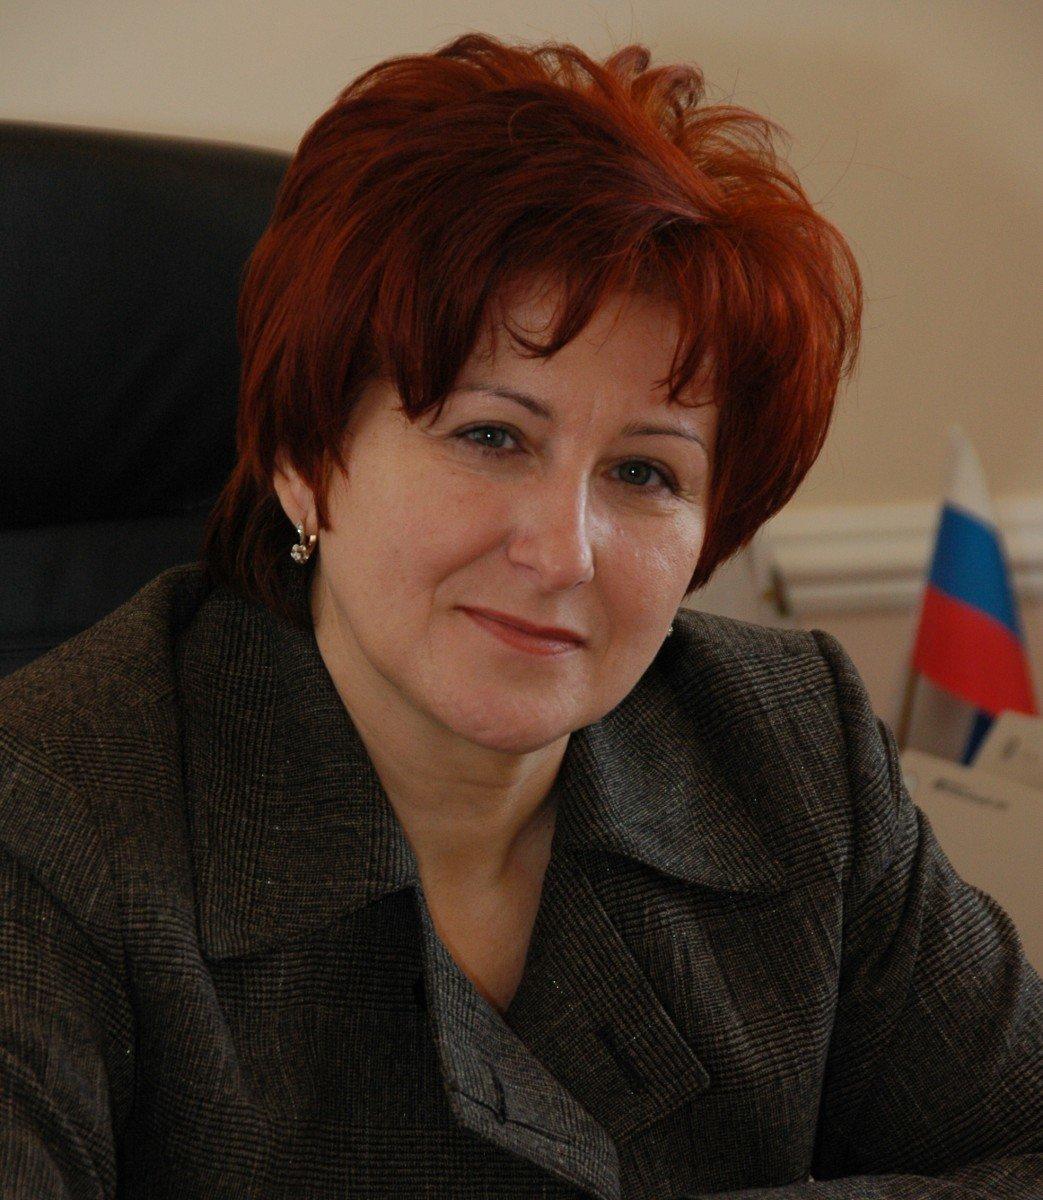 Иногда они возвращаются: Любовь Третьякова назначена исполняющей обязанности вице-губернатора, фото-1